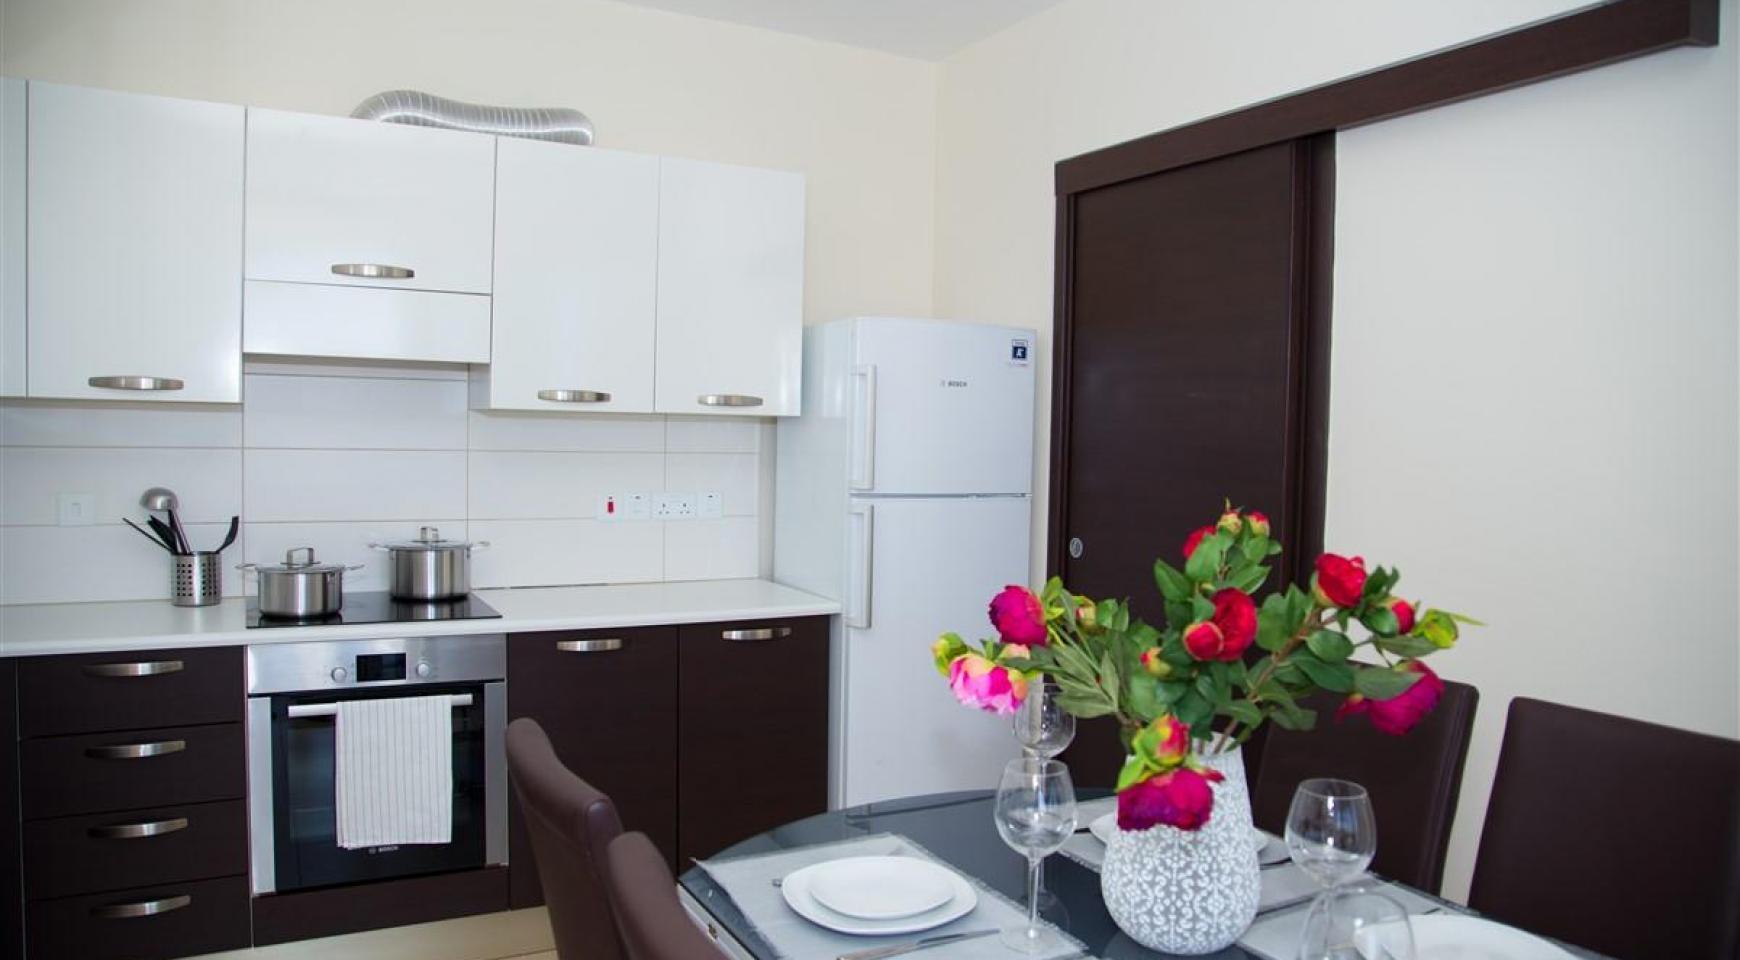 Μοντέρνο διαμέρισμα 2 υπνοδωματίων στην περιοχή Ποταμός Γερμασόγειας - 4